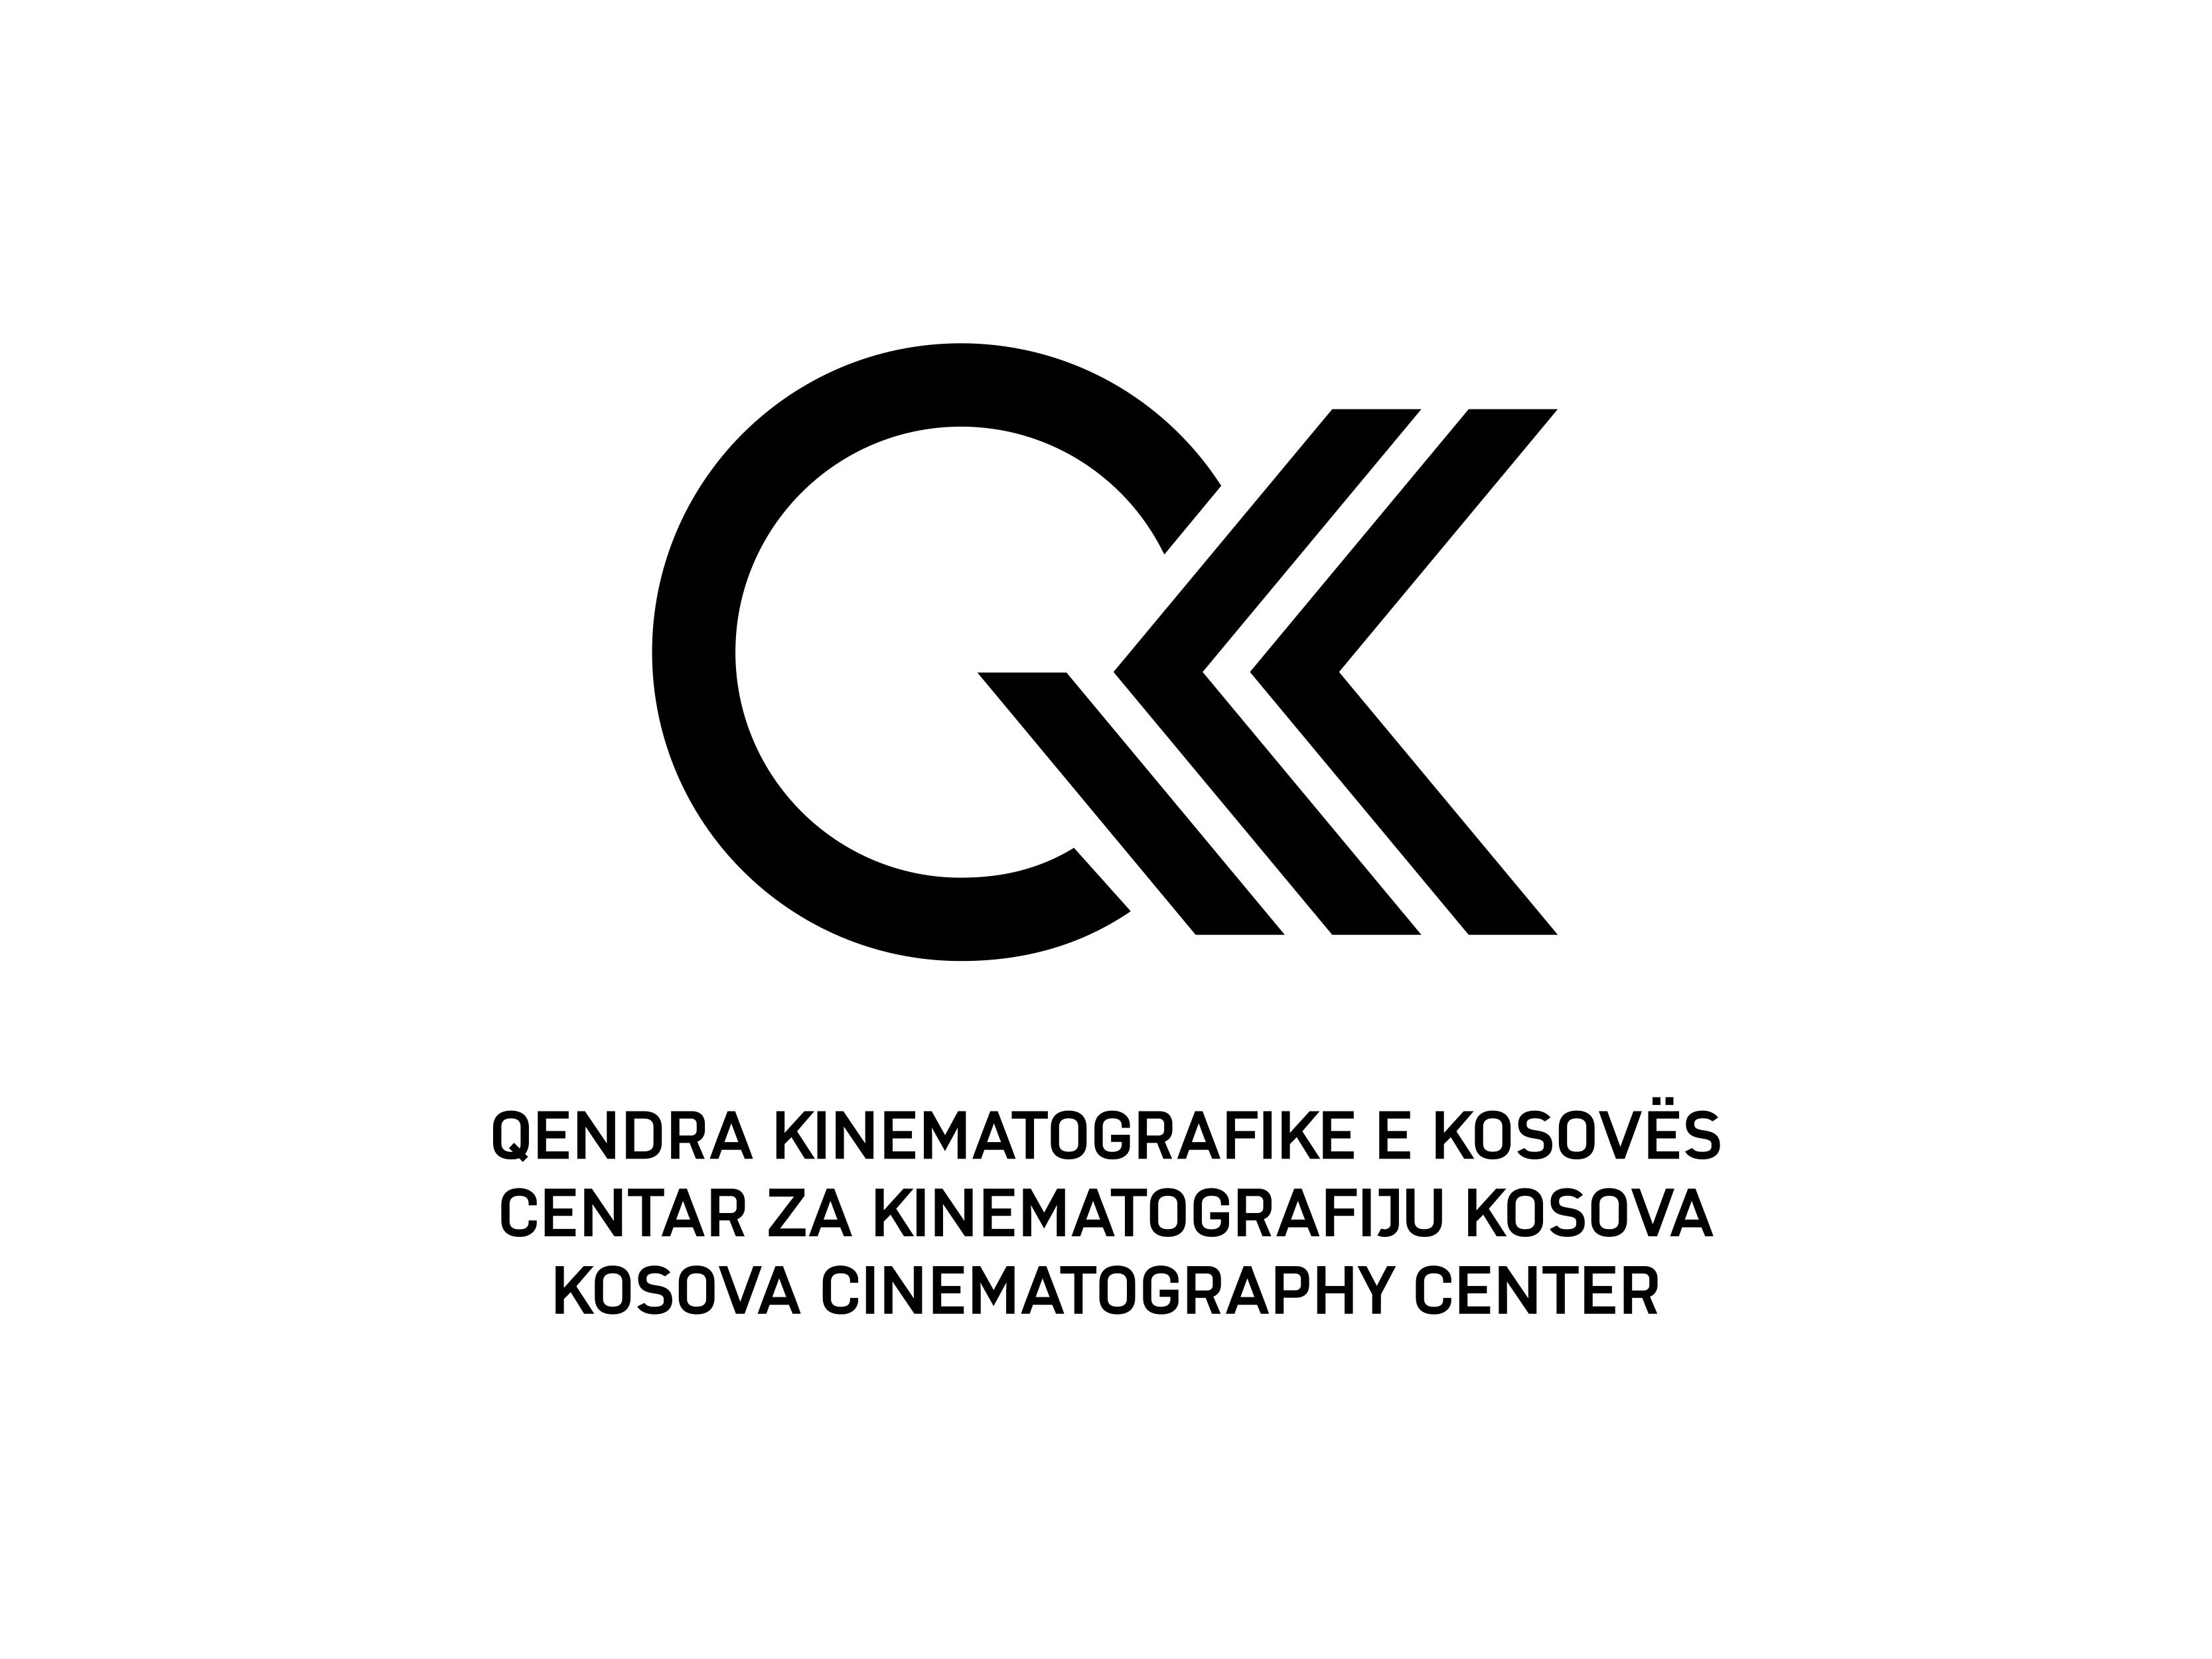 qkk_whiteBG